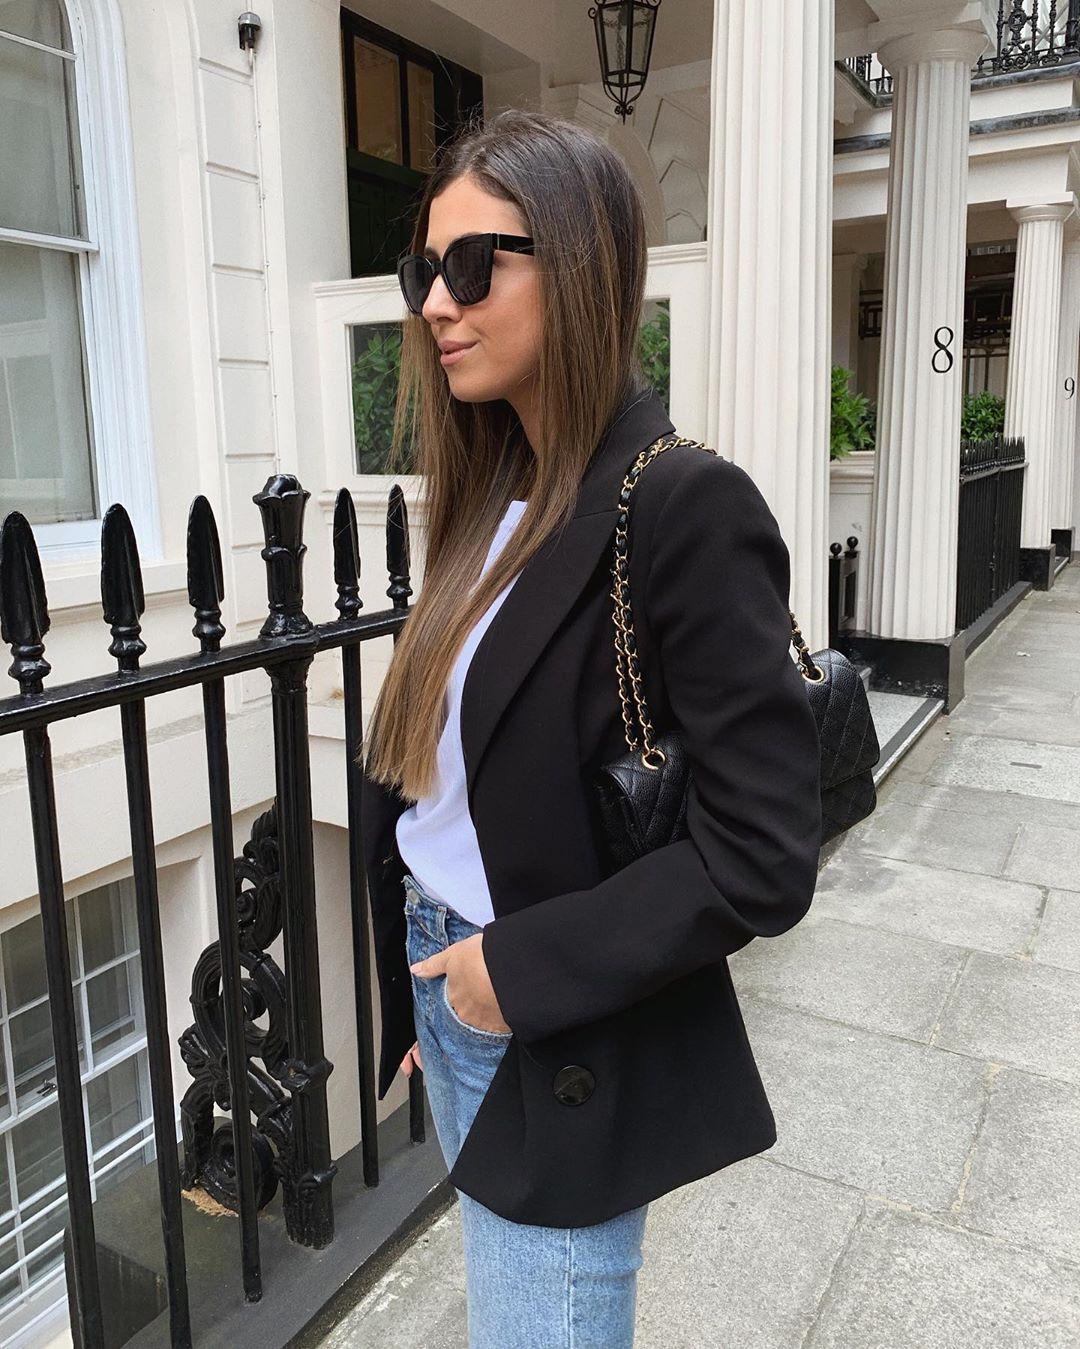 crossover breasted jacket de Zara sur mystylebook